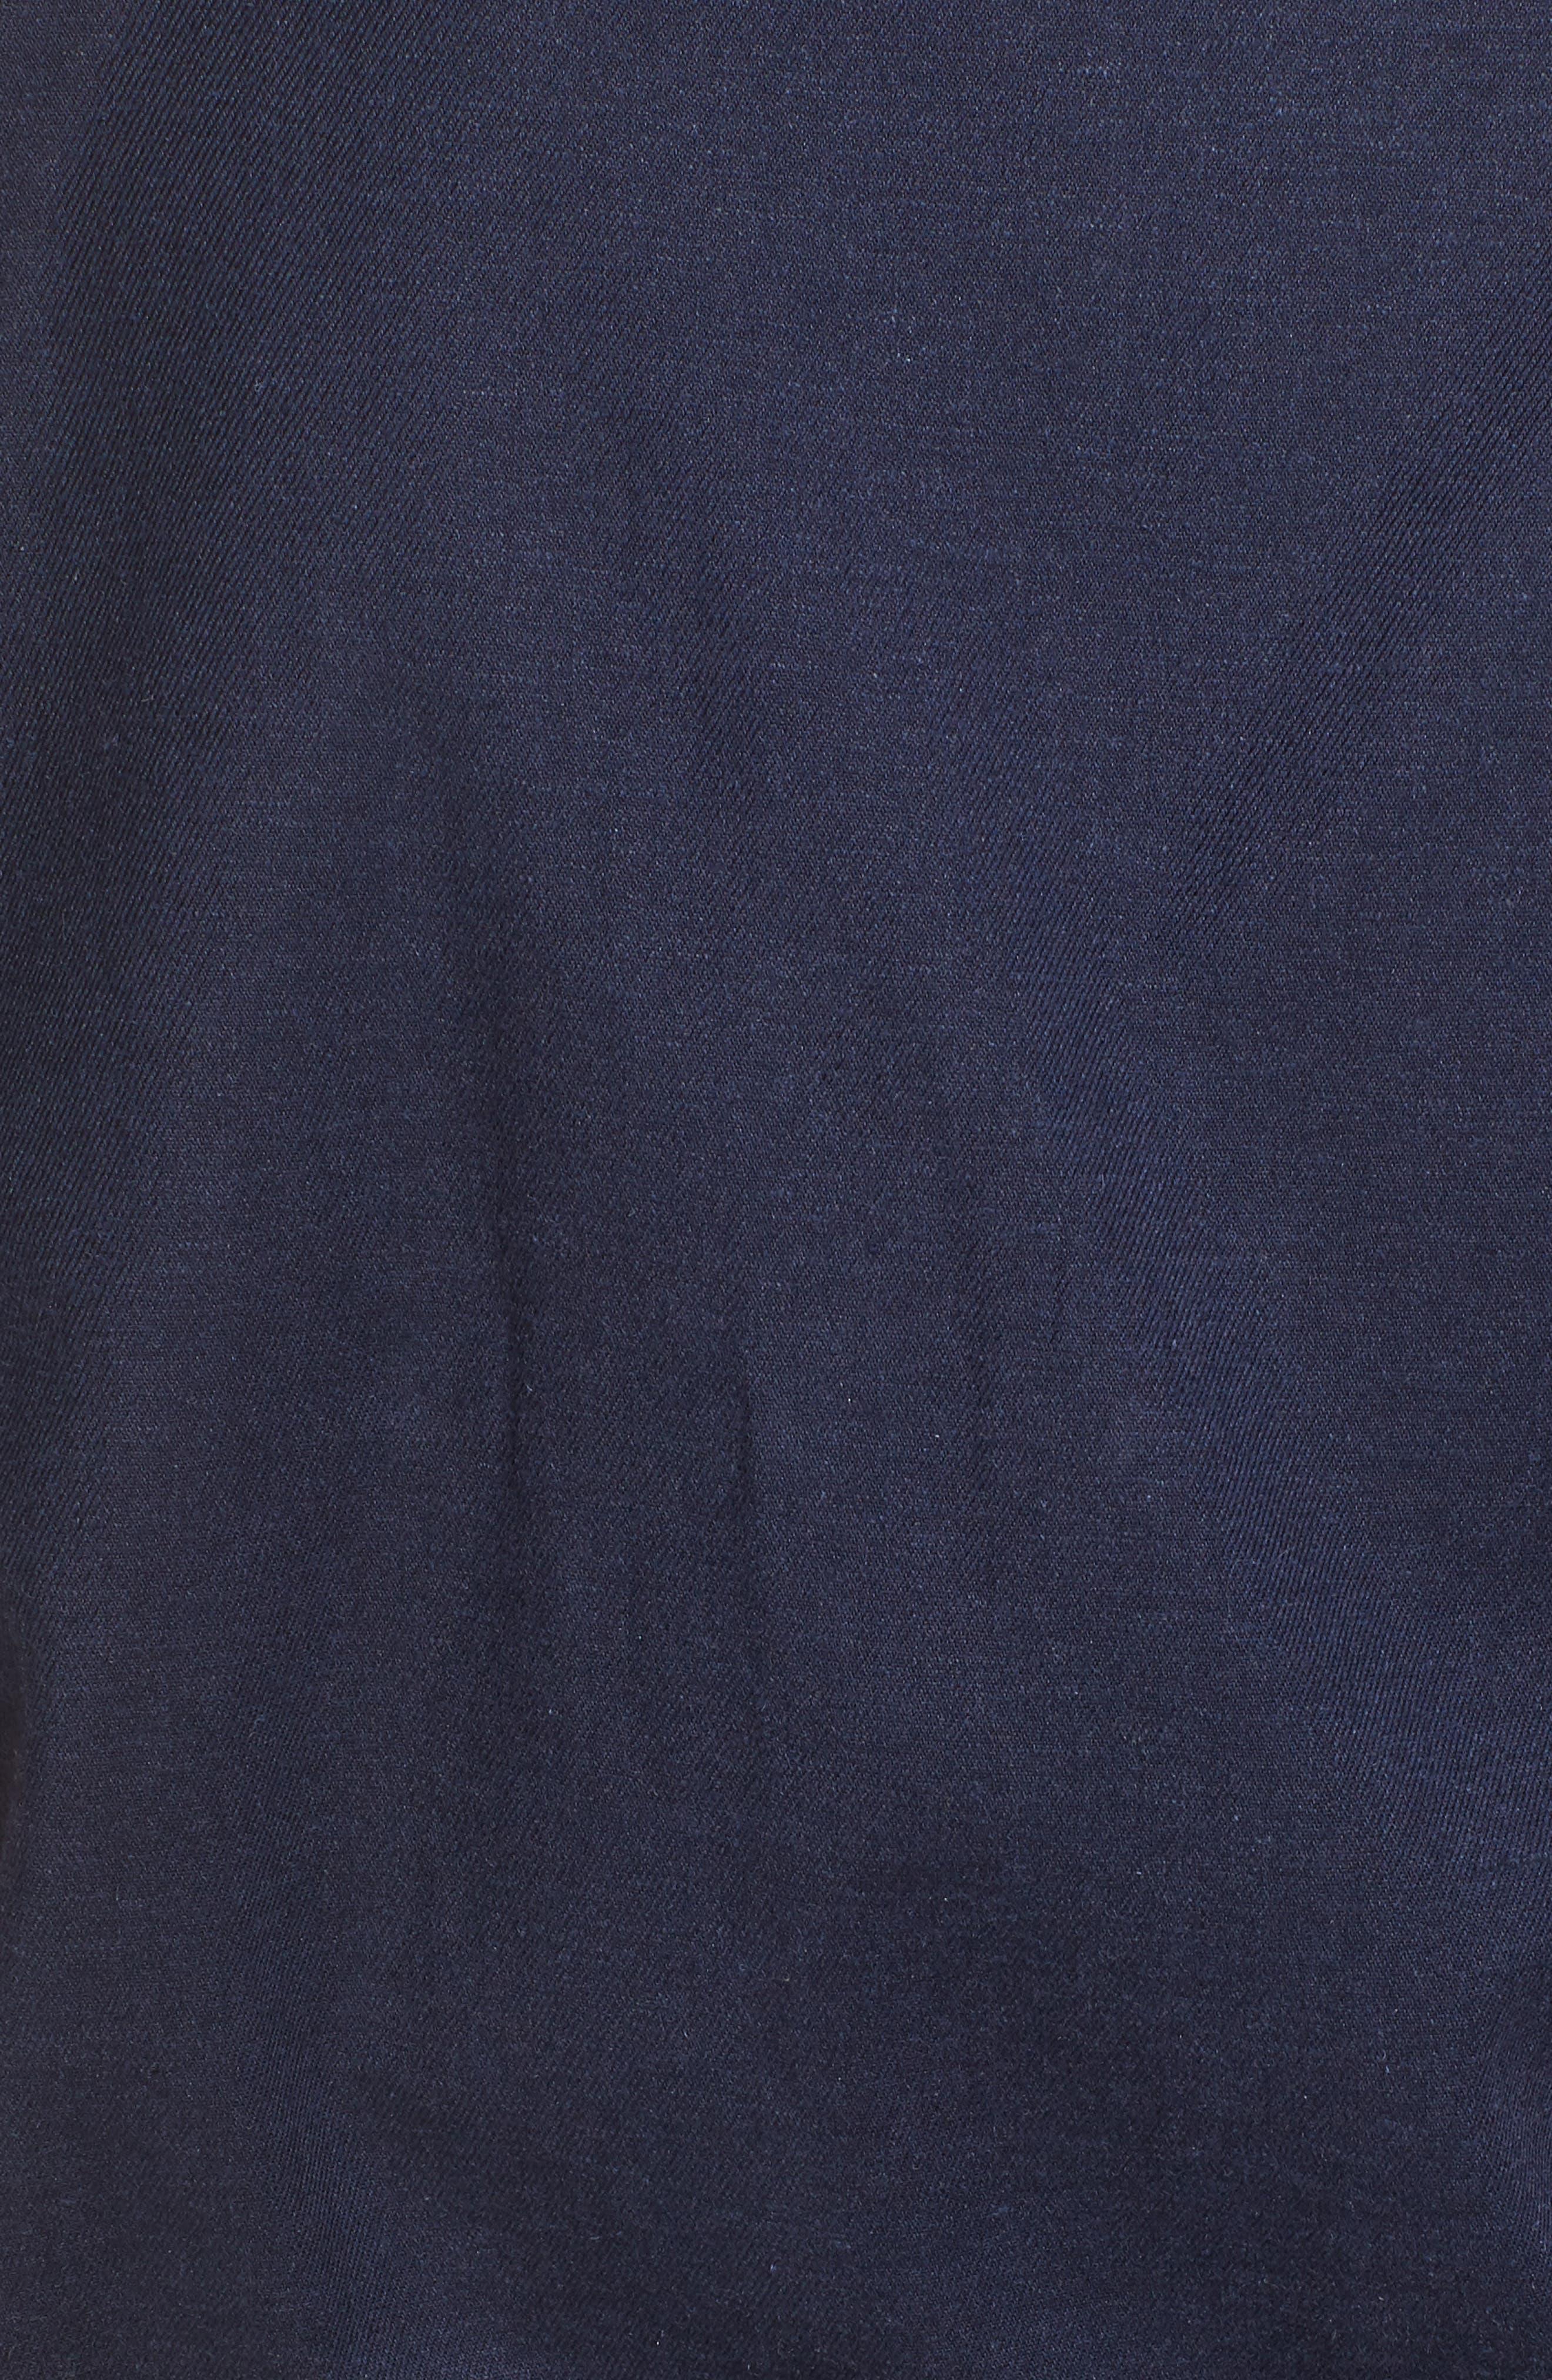 Linen Blend Romper,                             Alternate thumbnail 6, color,                             Navy